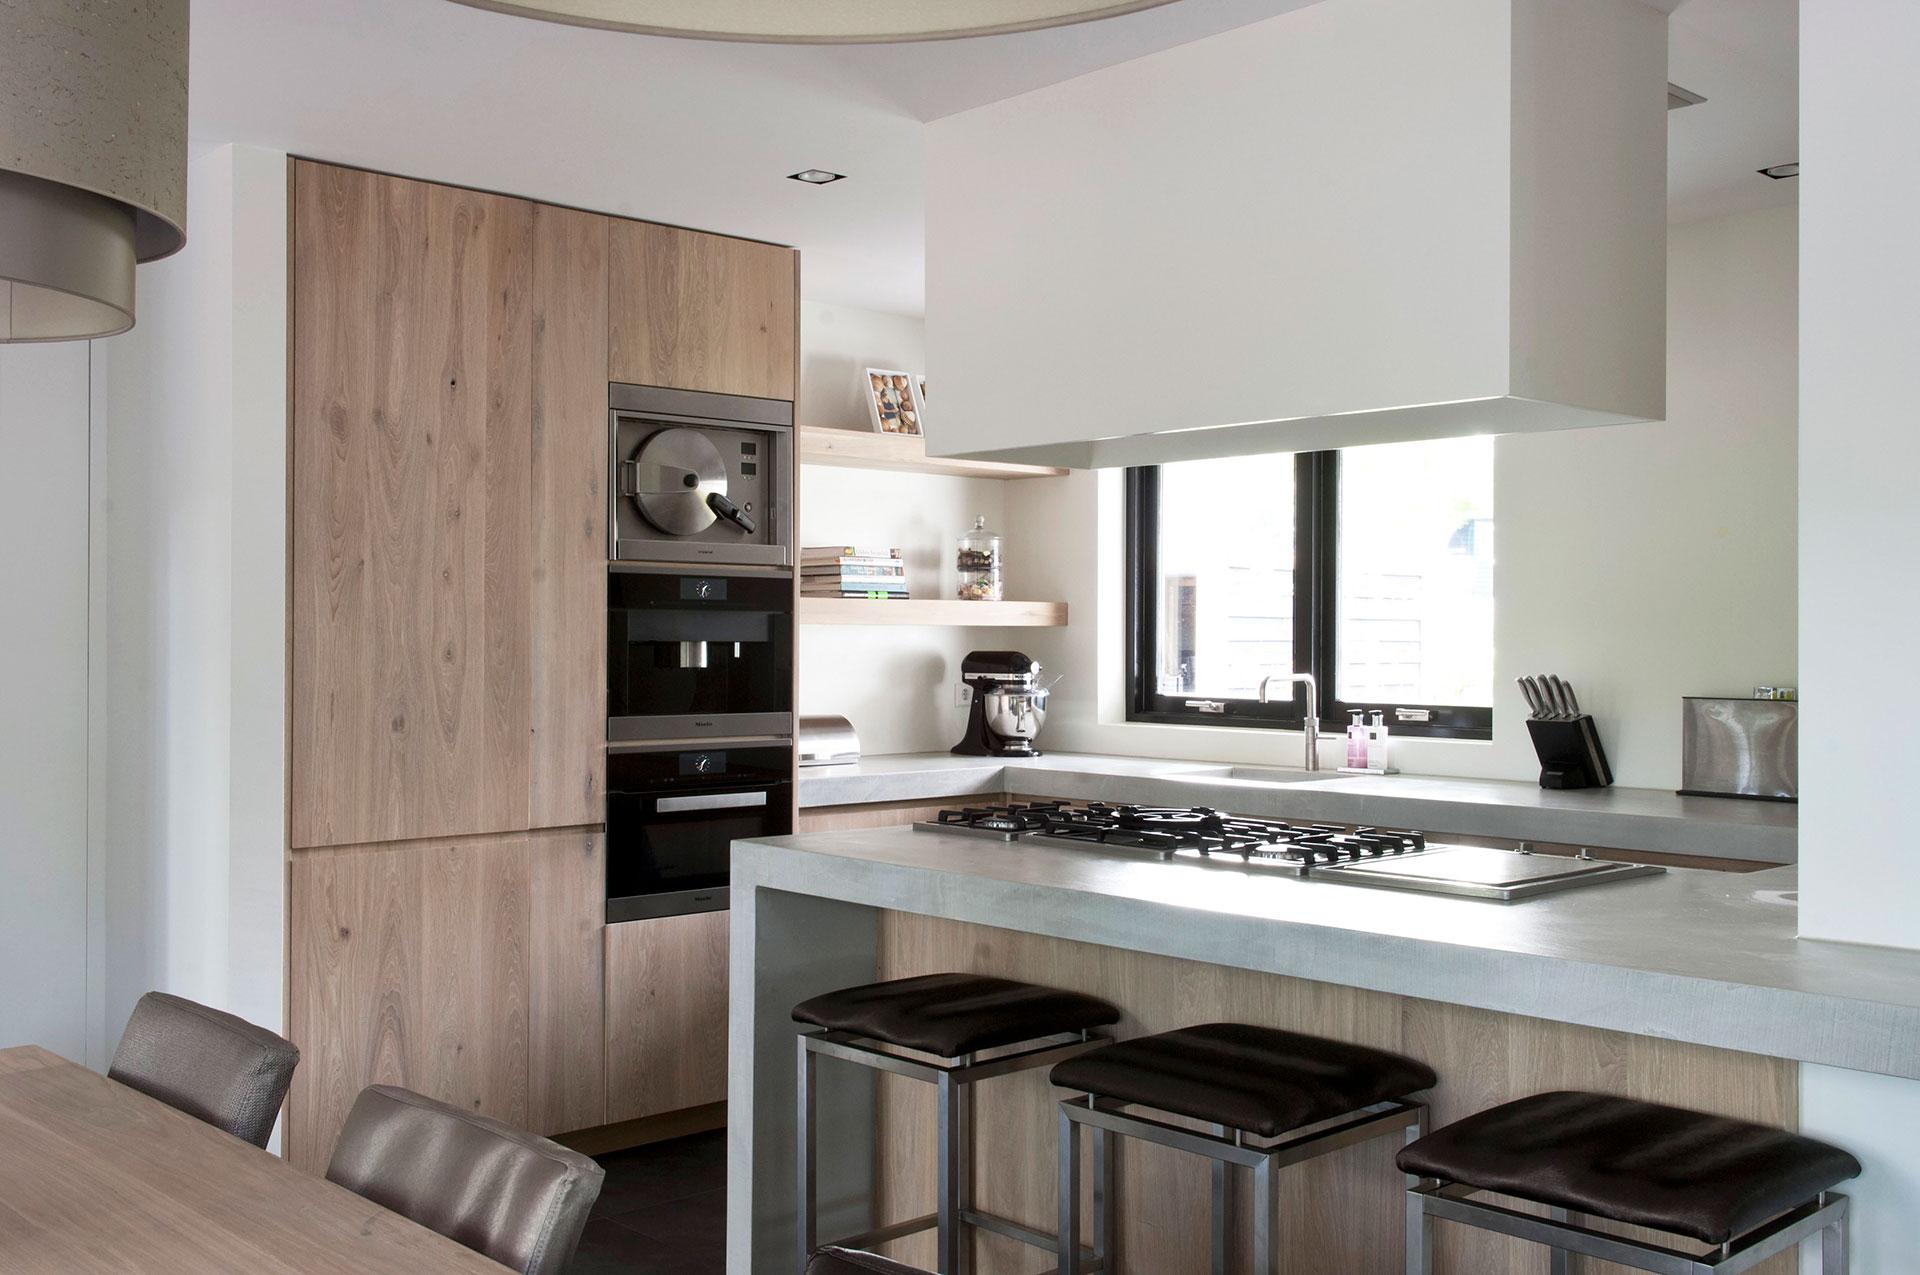 Keuken Wandkast 5 : Strakke houten keuken